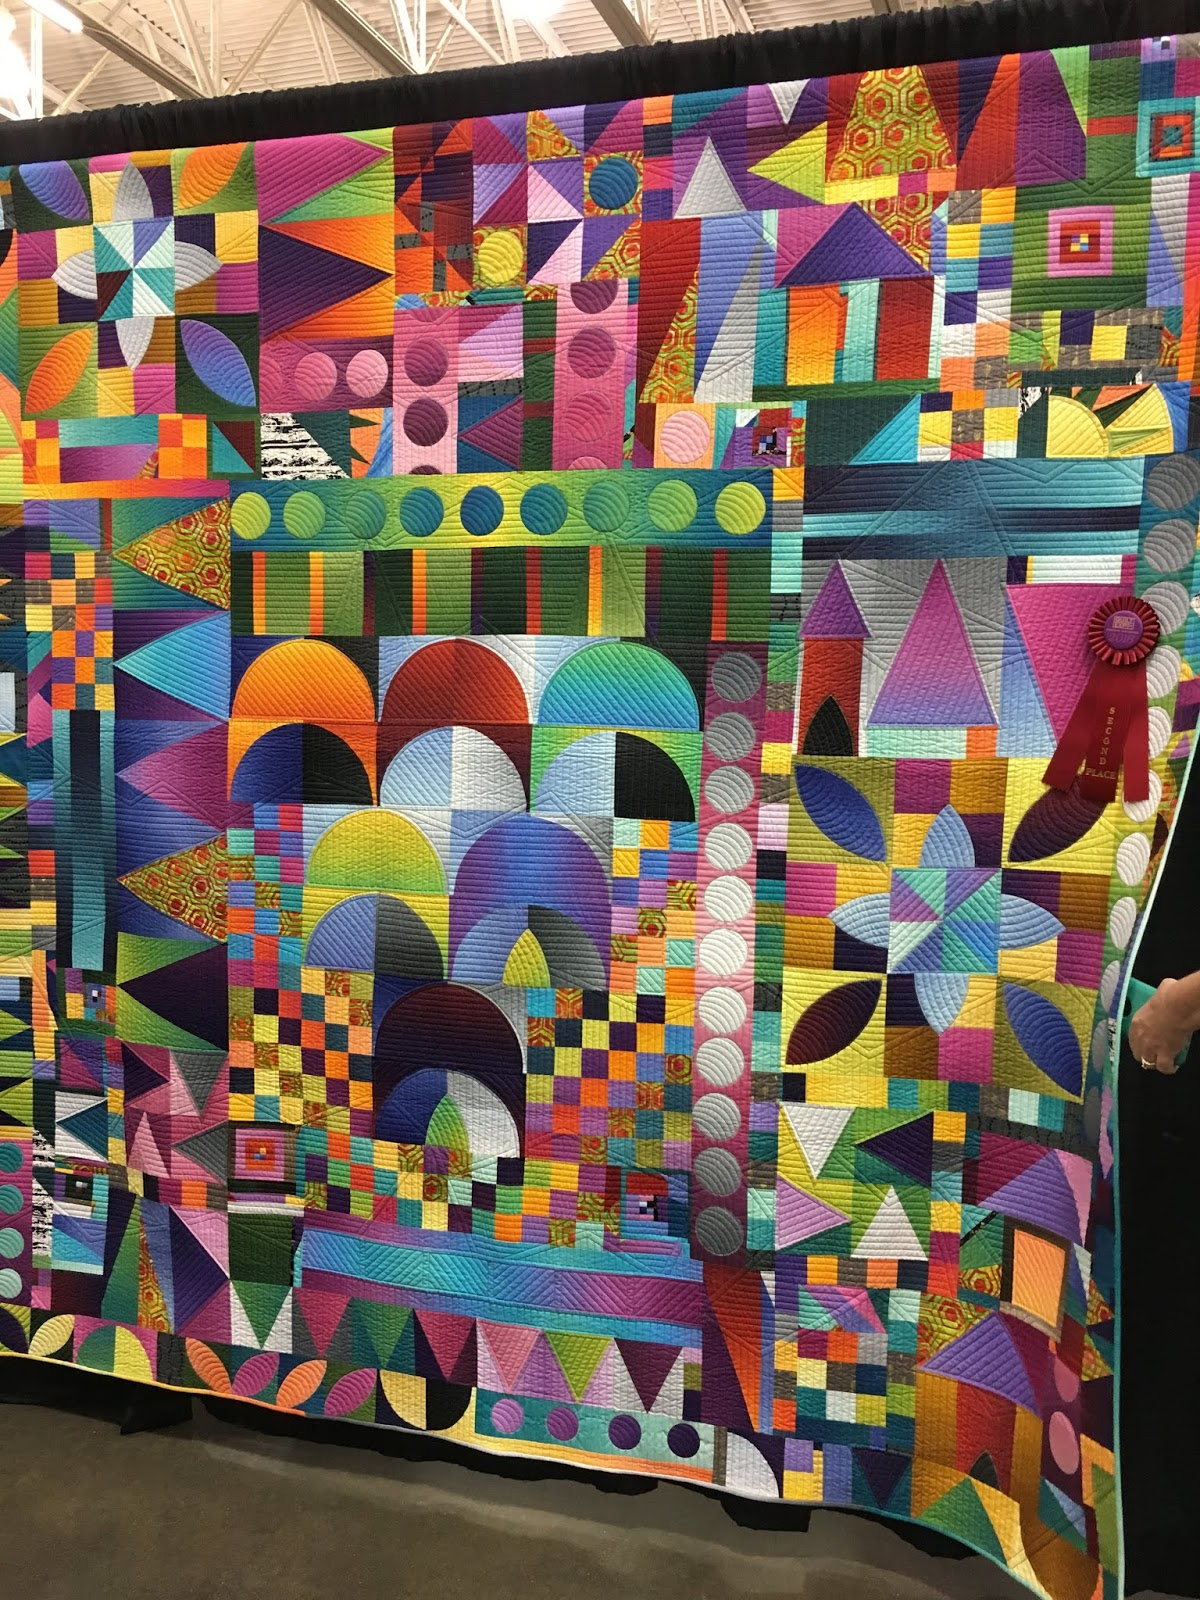 Sunshine Sews Madison Quilt Expo